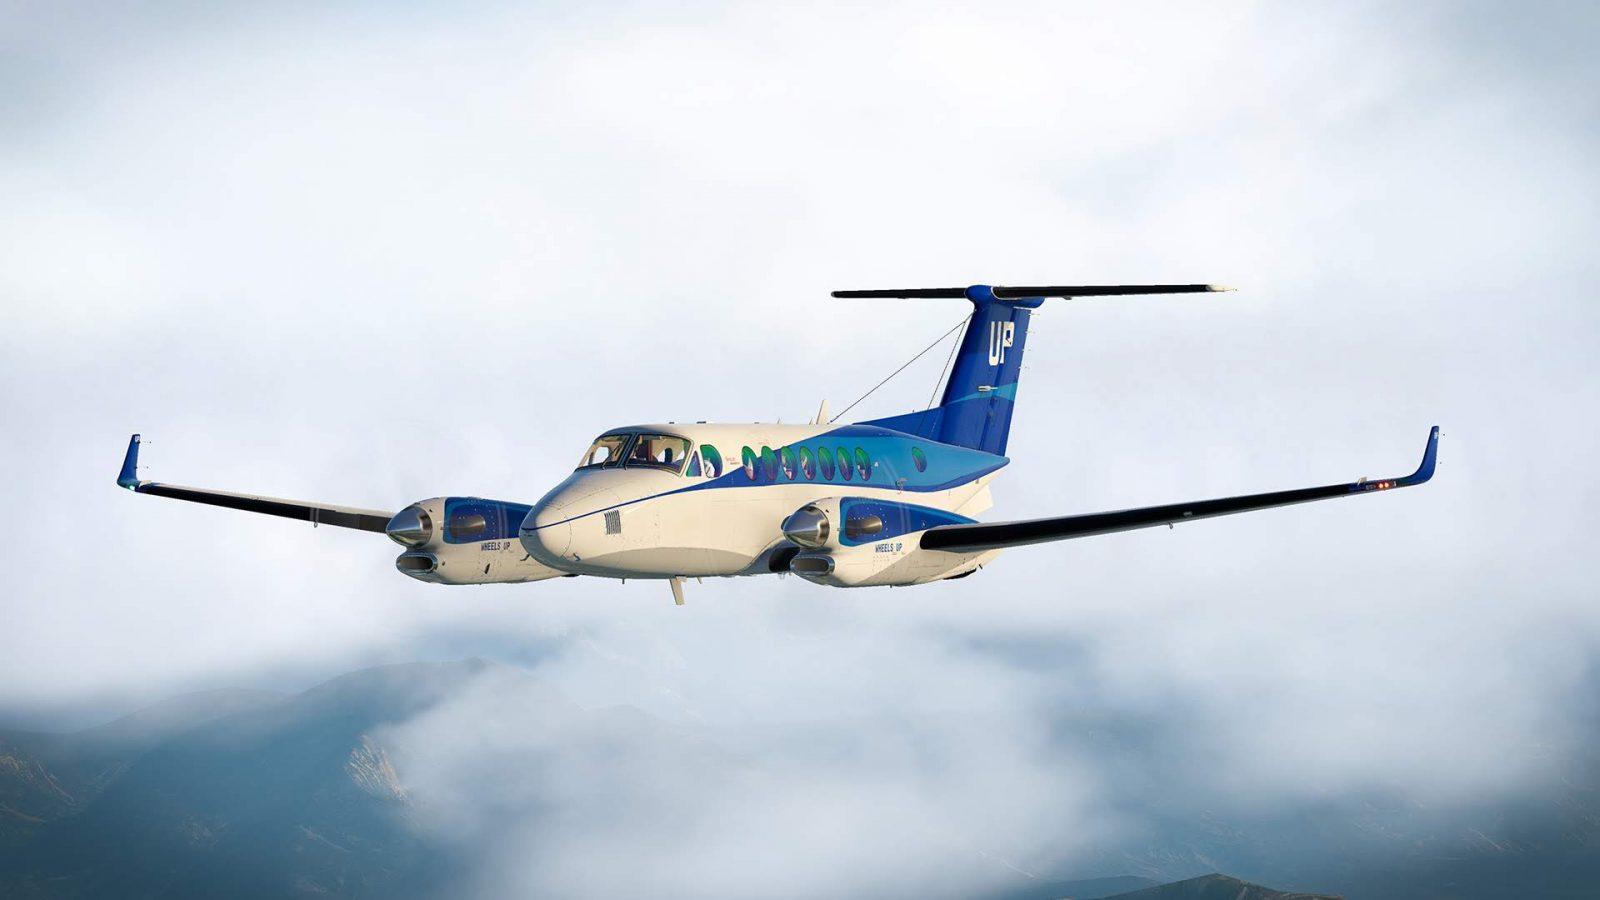 airfoillabs-king-air-350-17-1600x900.jpg